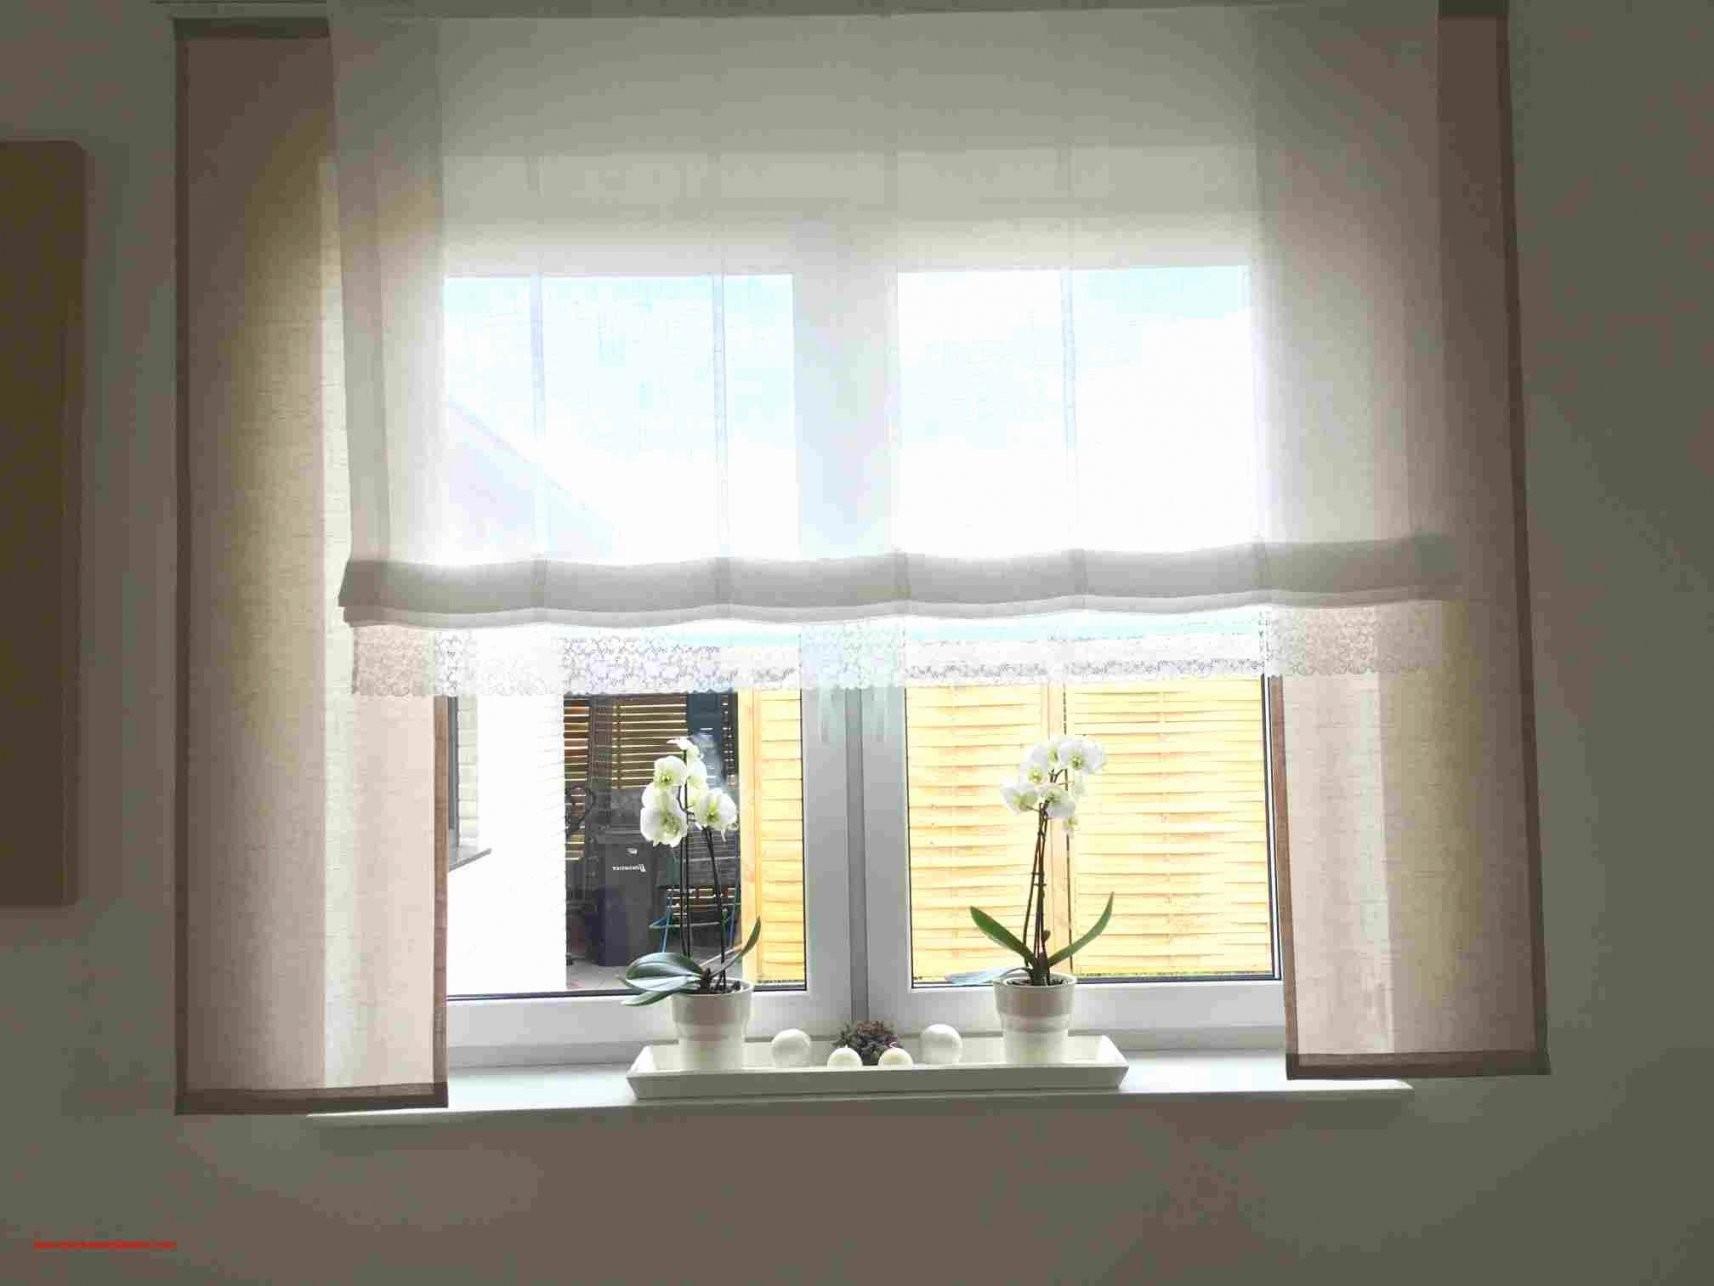 Extrem Fenster Rolladen Für Innen | Dachfenster Rollläden Für Außen Velux VK63